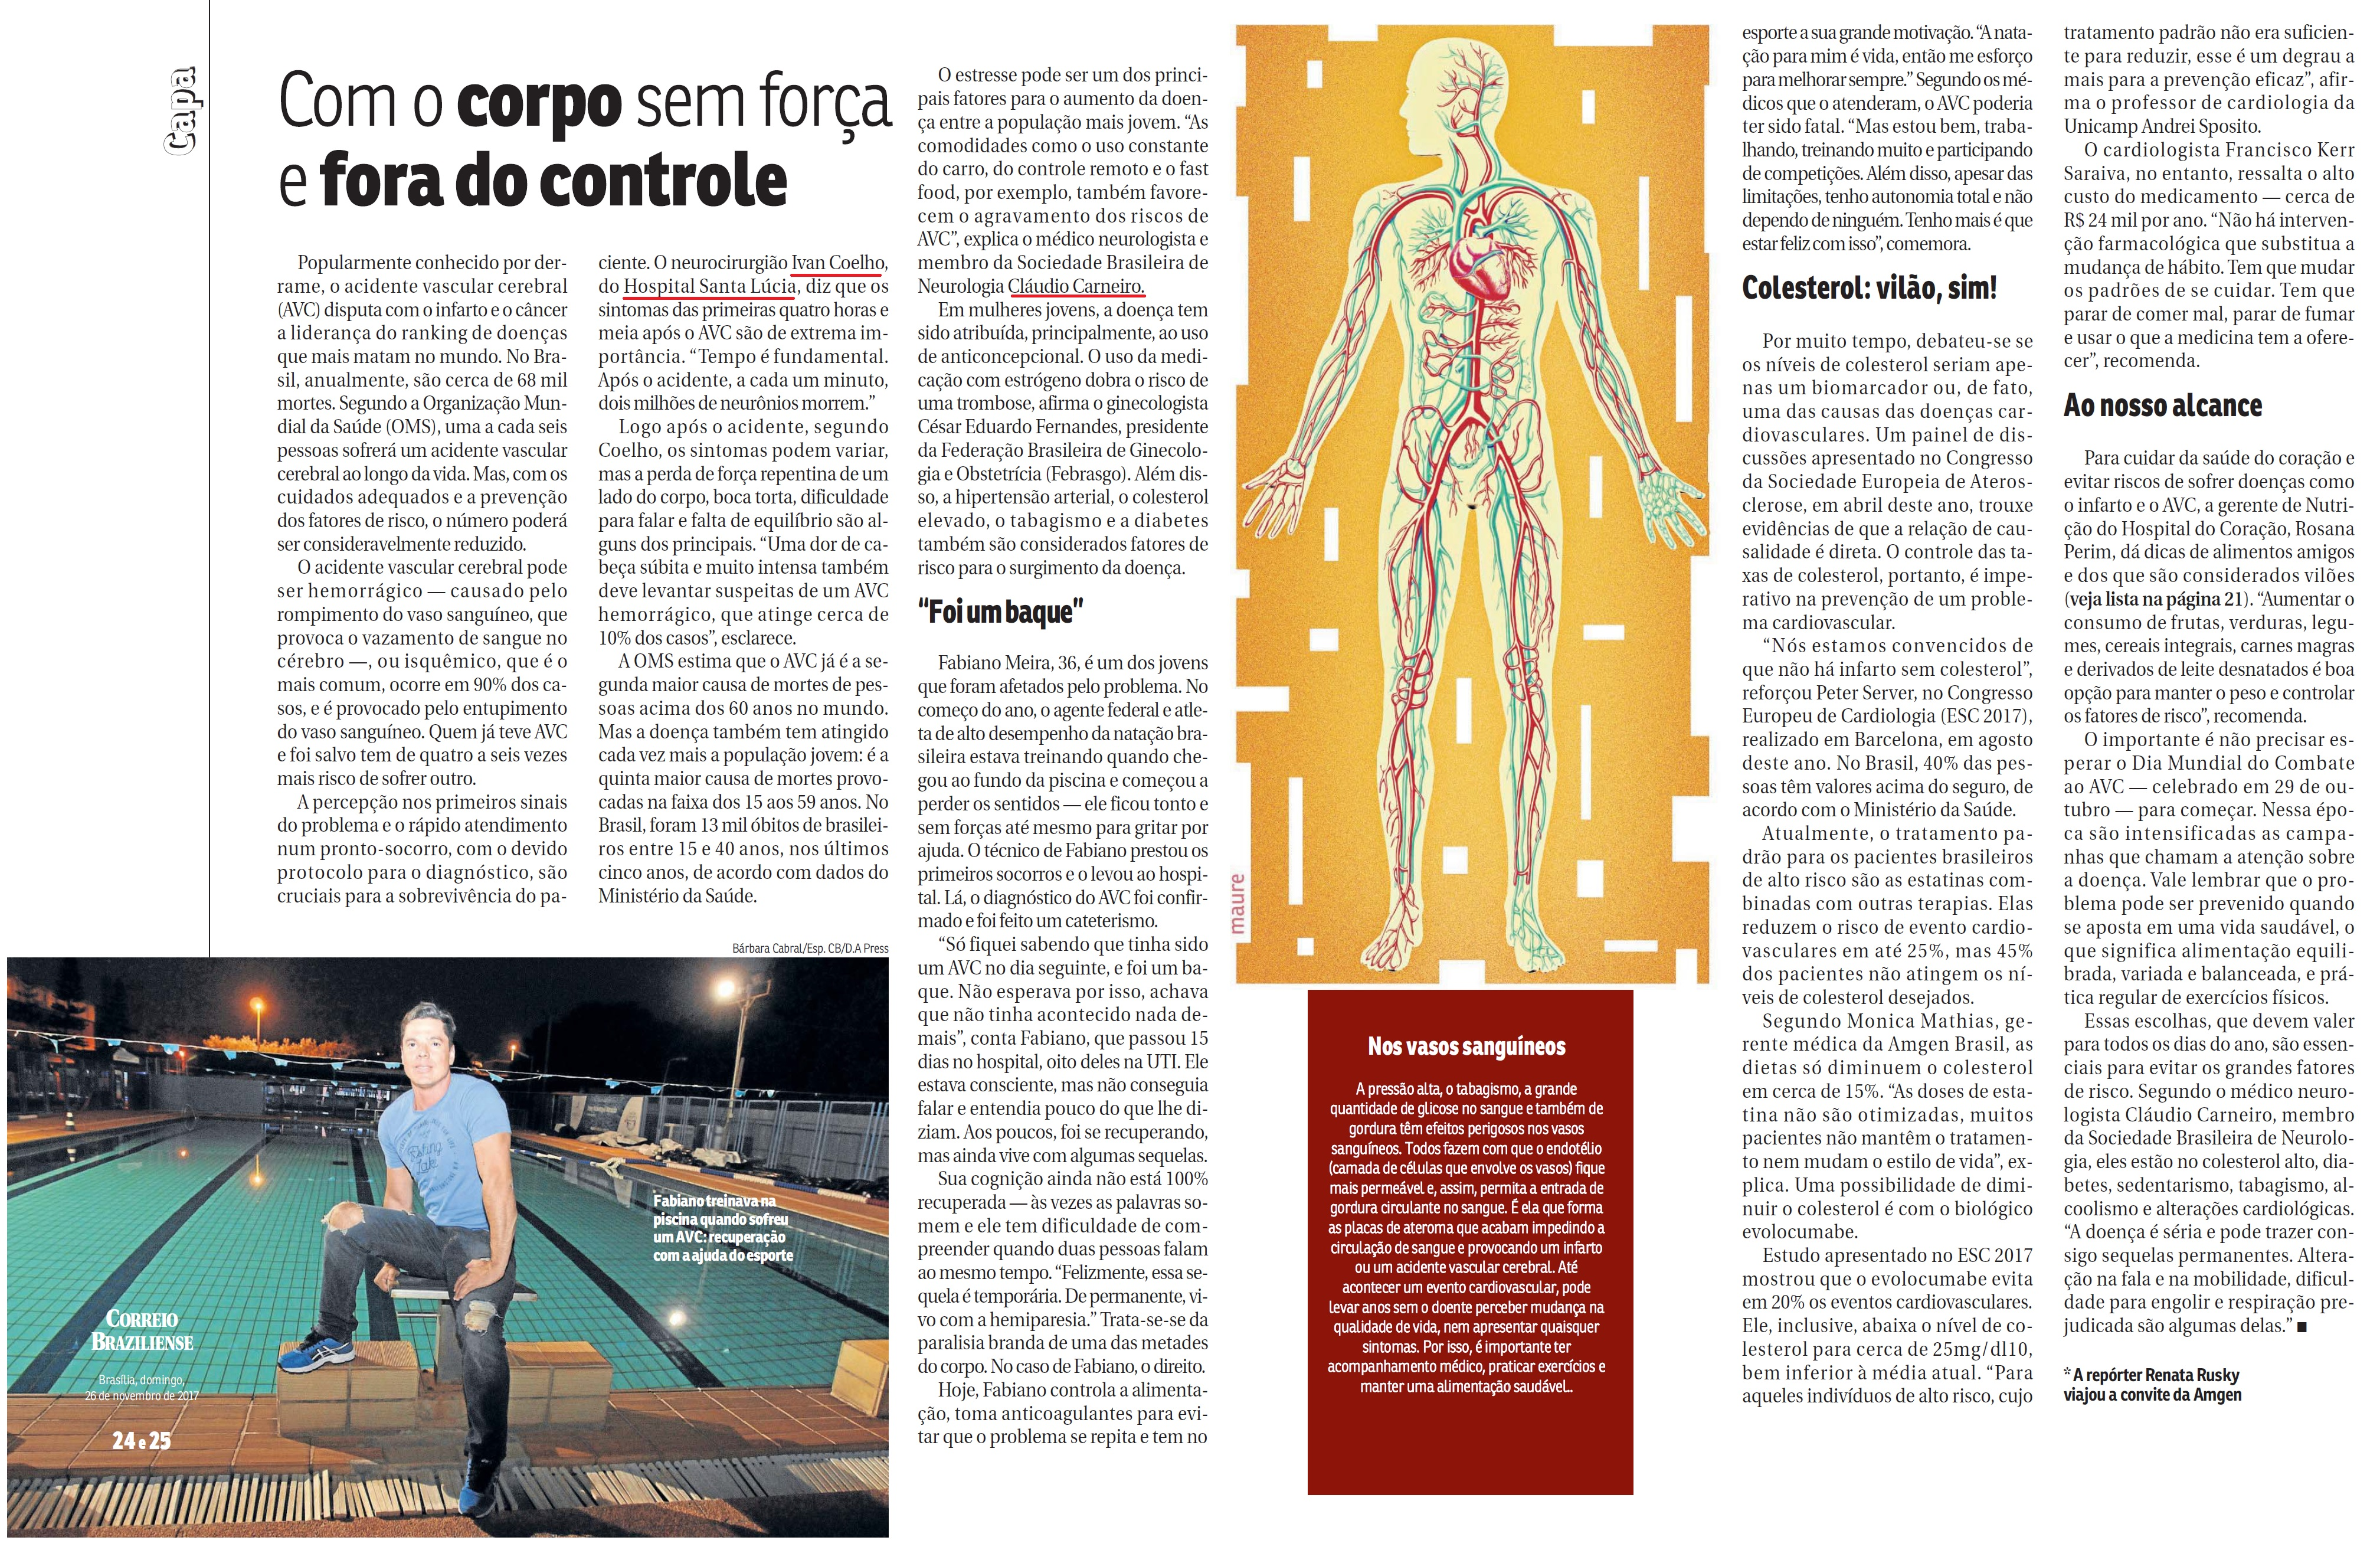 Revista do Correio - Dr. Ivan e Dr. Cláudio HSL - 26-11-2017